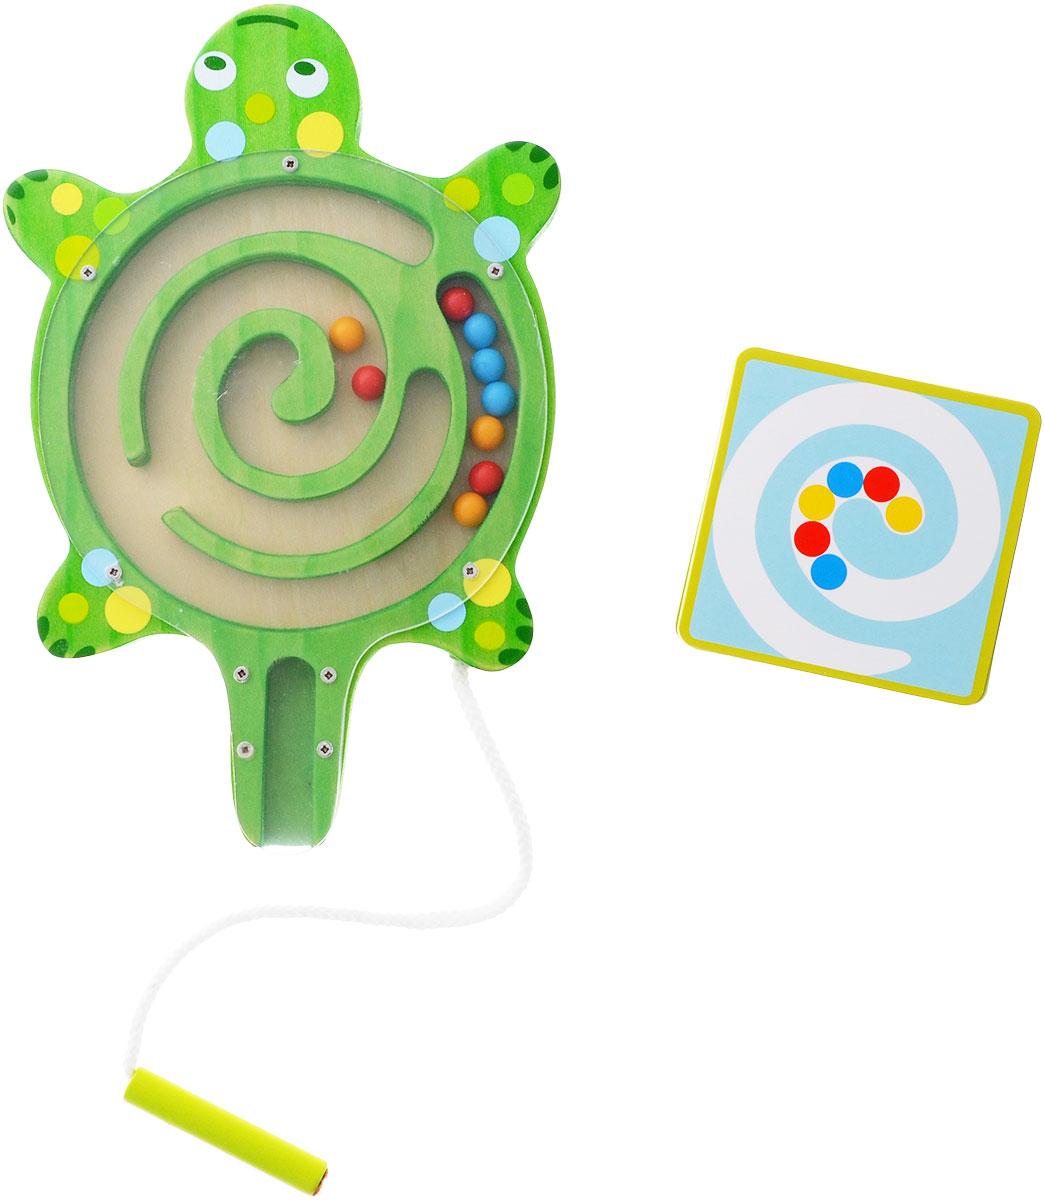 Djeco Развивающая игрушка Лабиринт Черепаха развивающая игрушка djeco зверюшки попрыгунчики пастель 06105